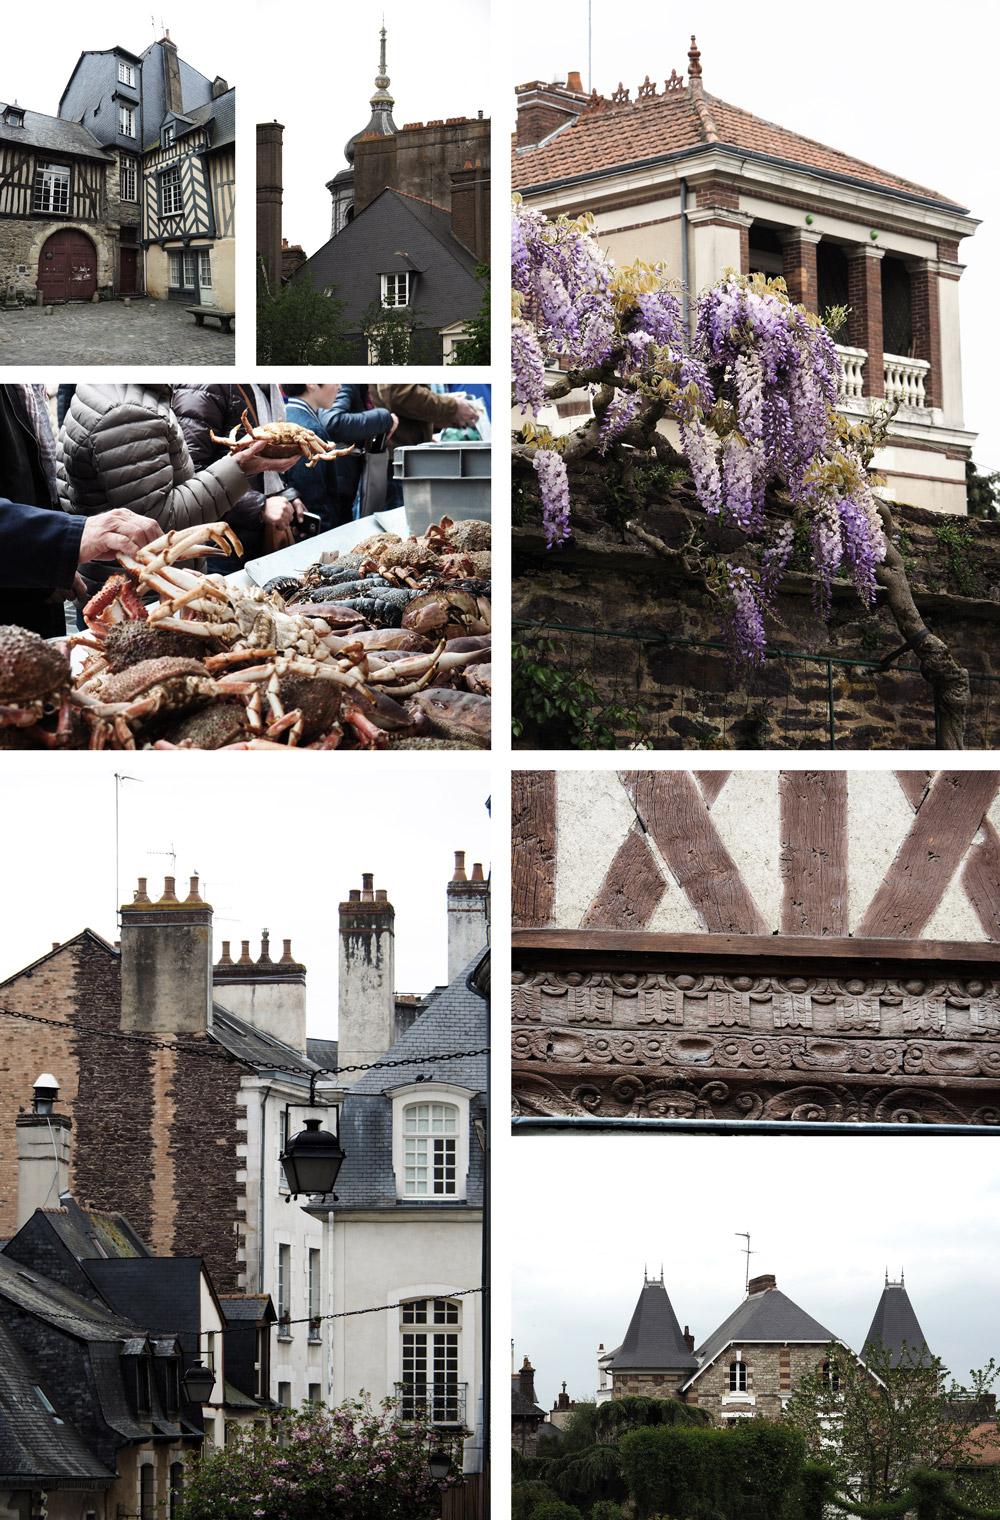 visiter la vieille ville de Rennes en 1 jour